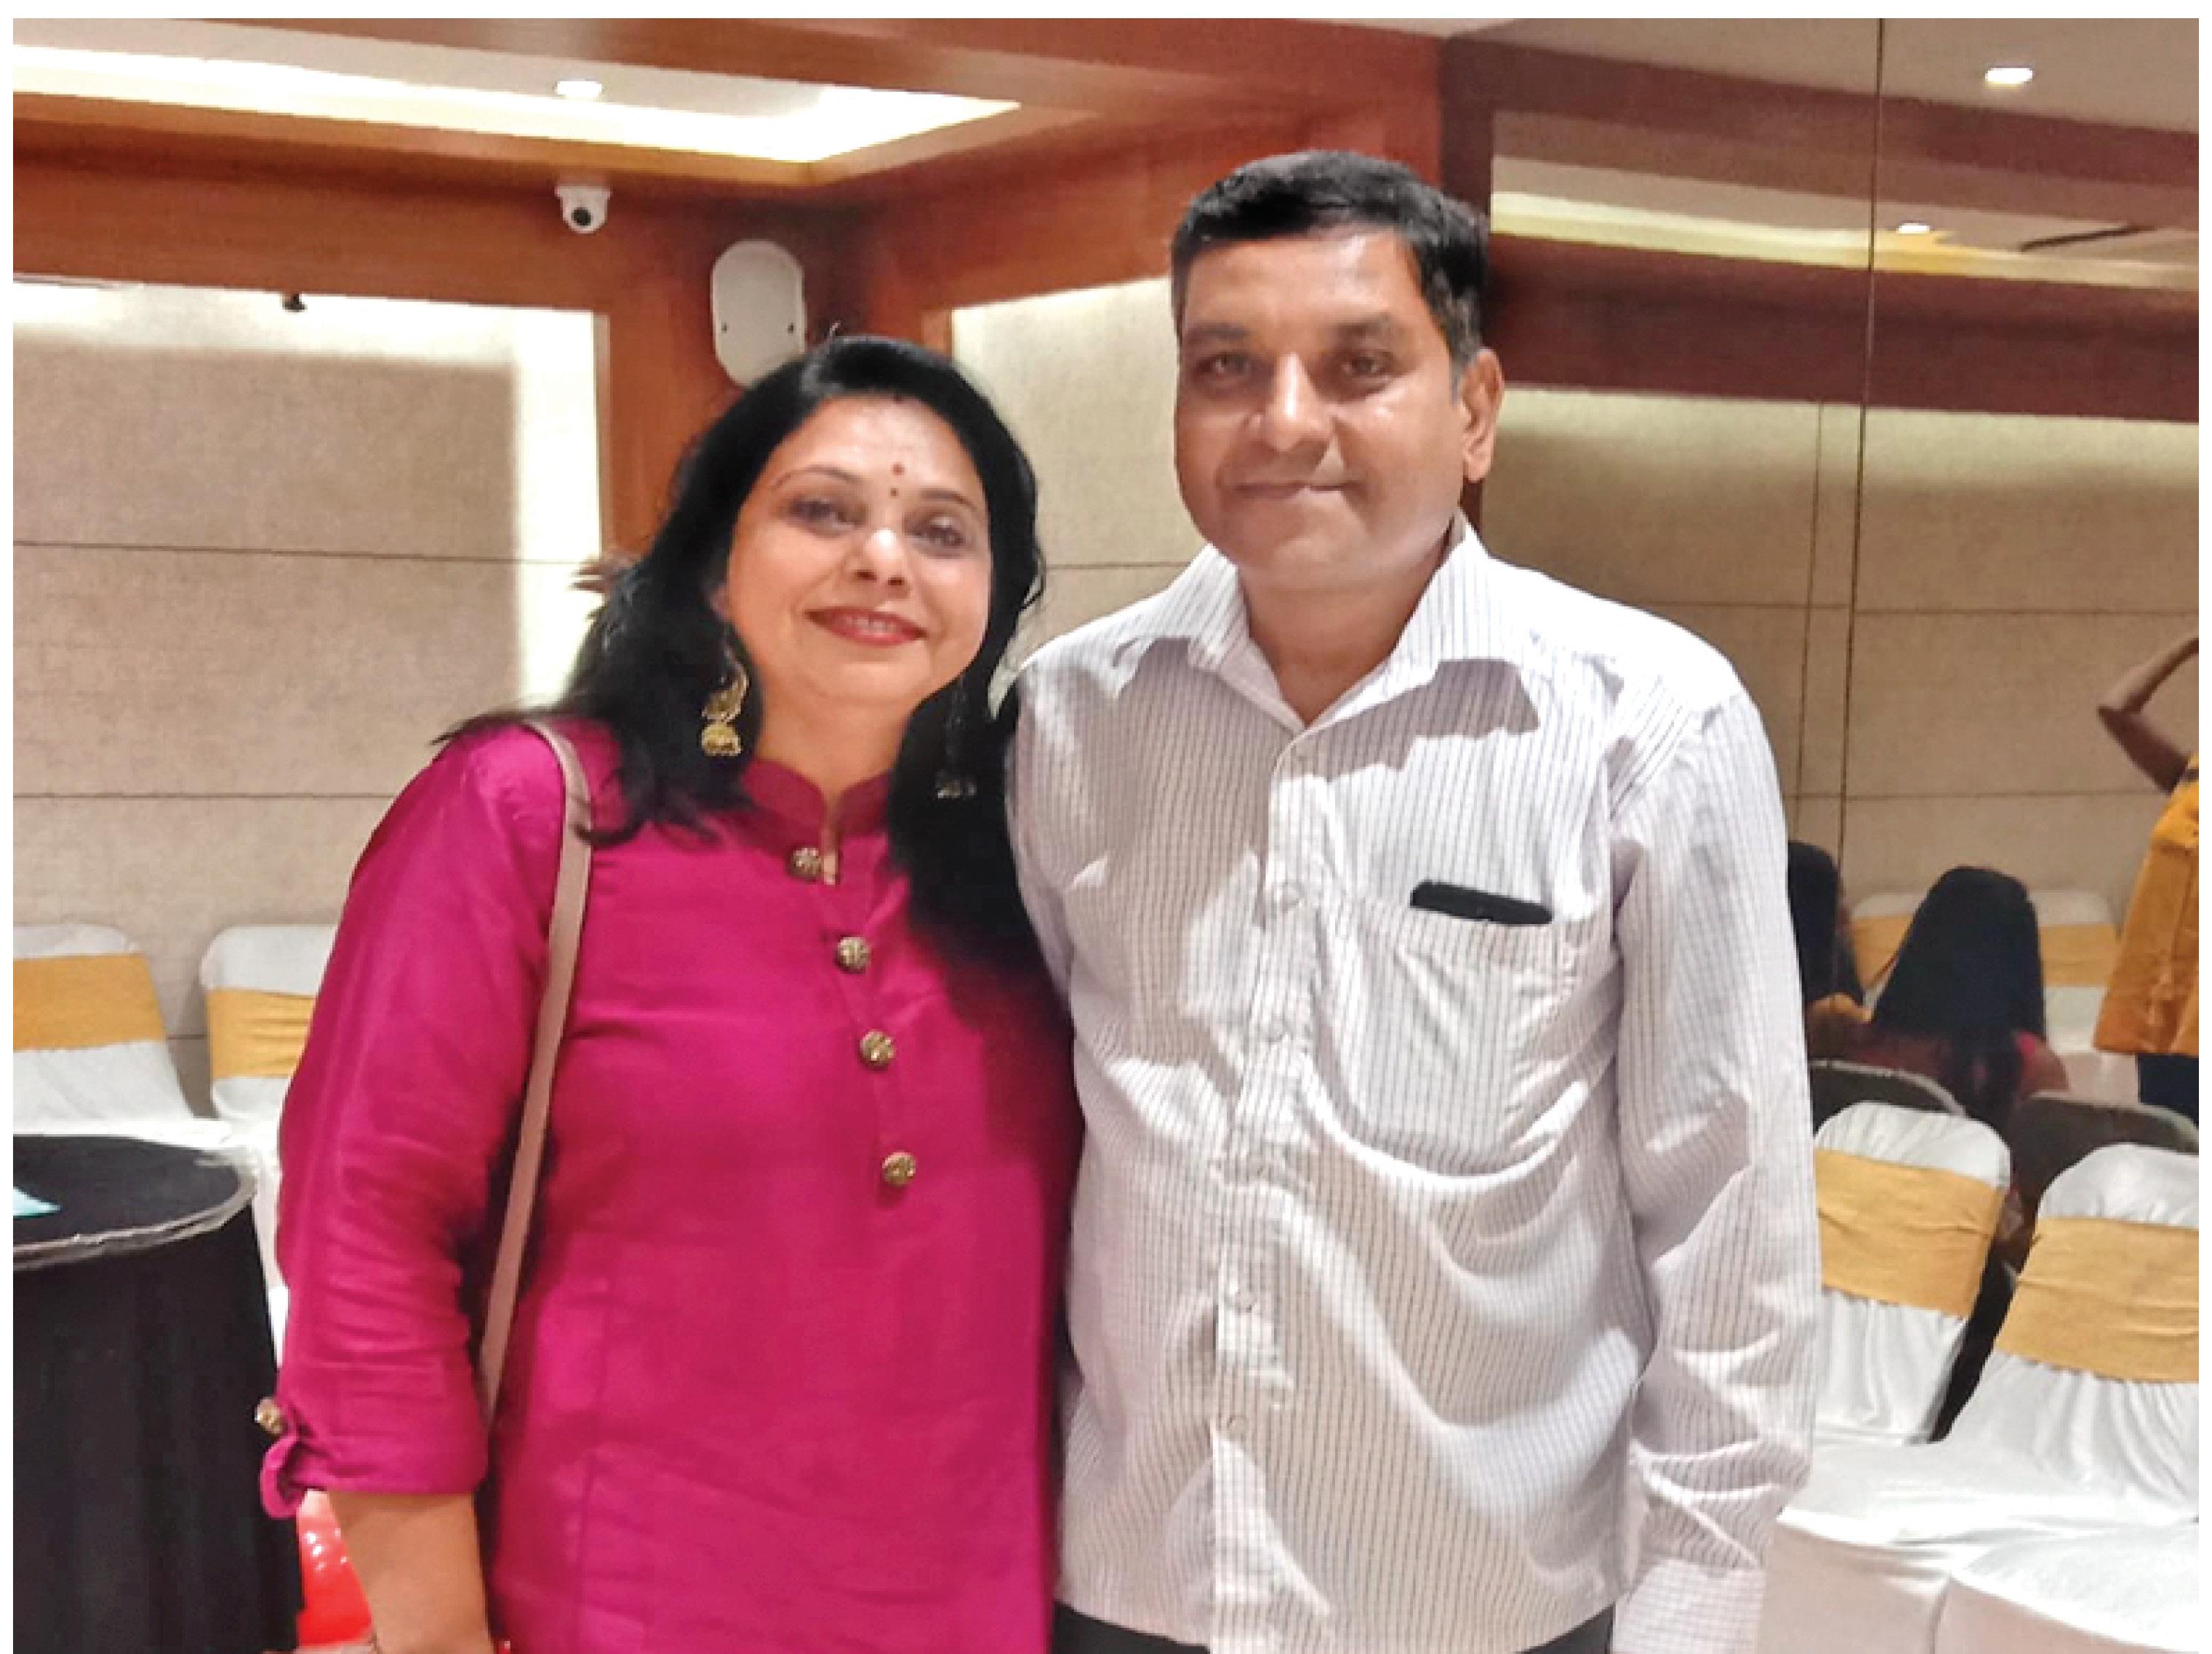 राधा सिंह के साथ पति विजय सिंह। - Dainik Bhaskar